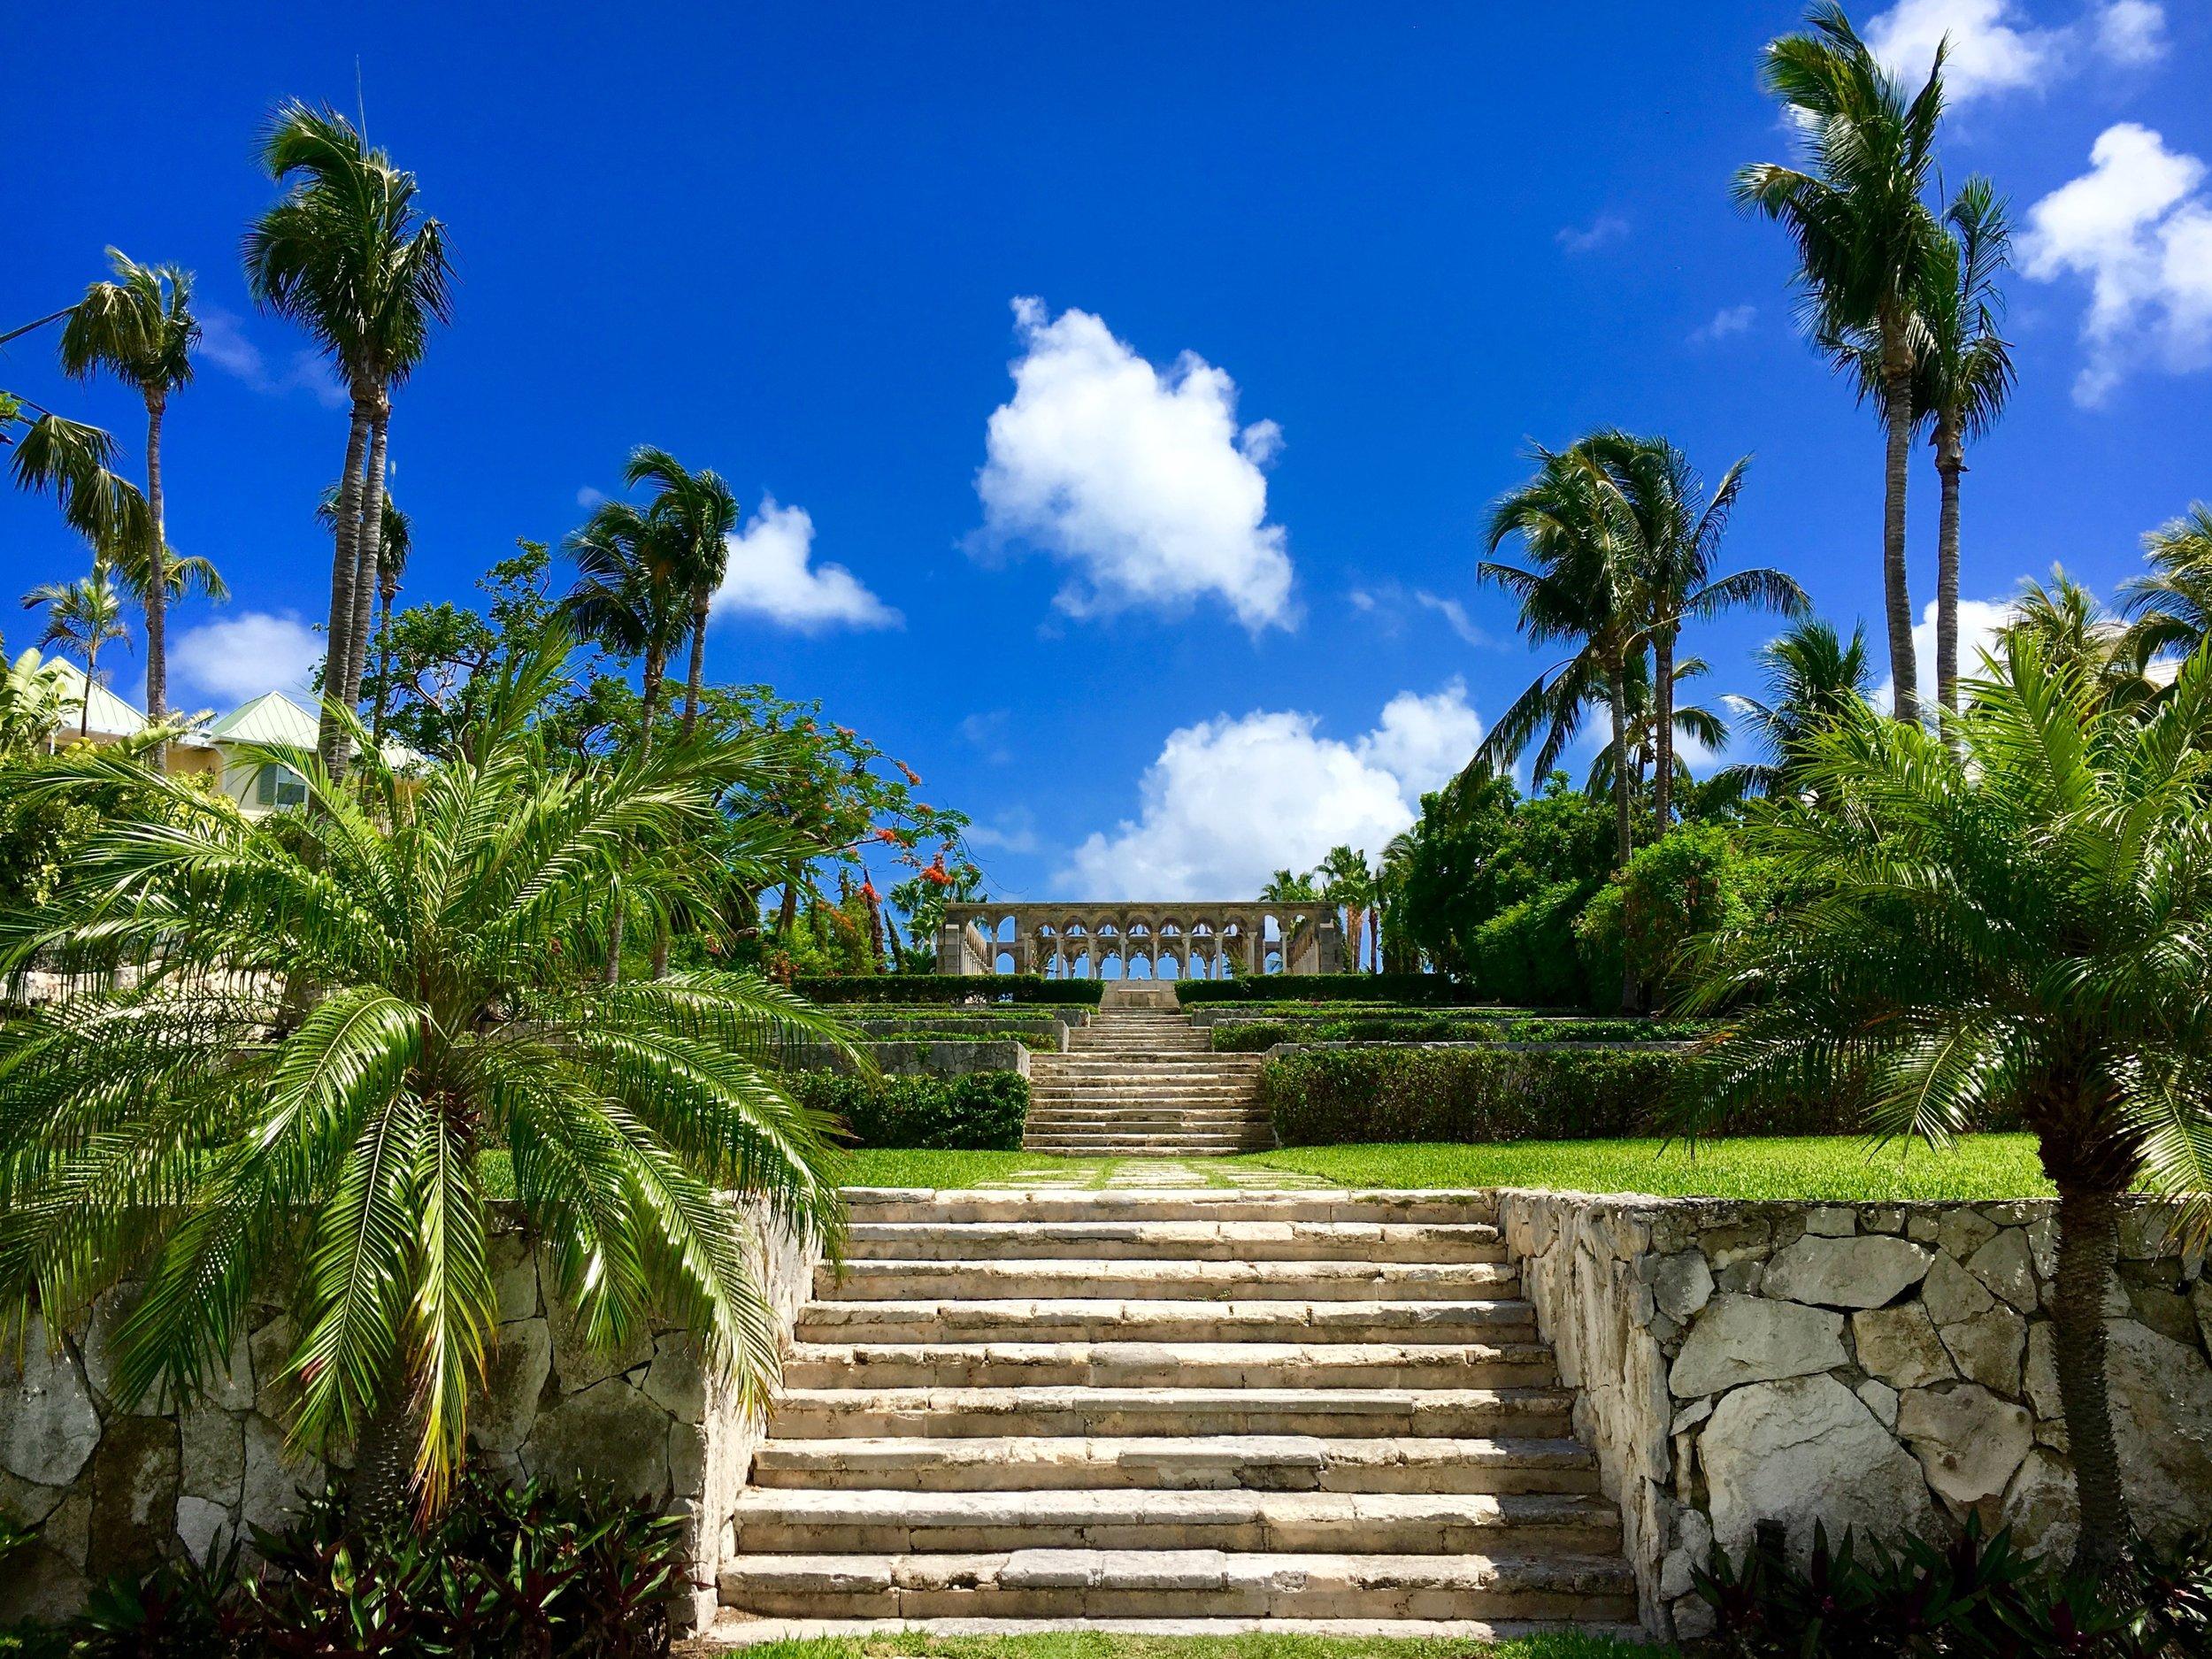 cloisters bahamas.jpg